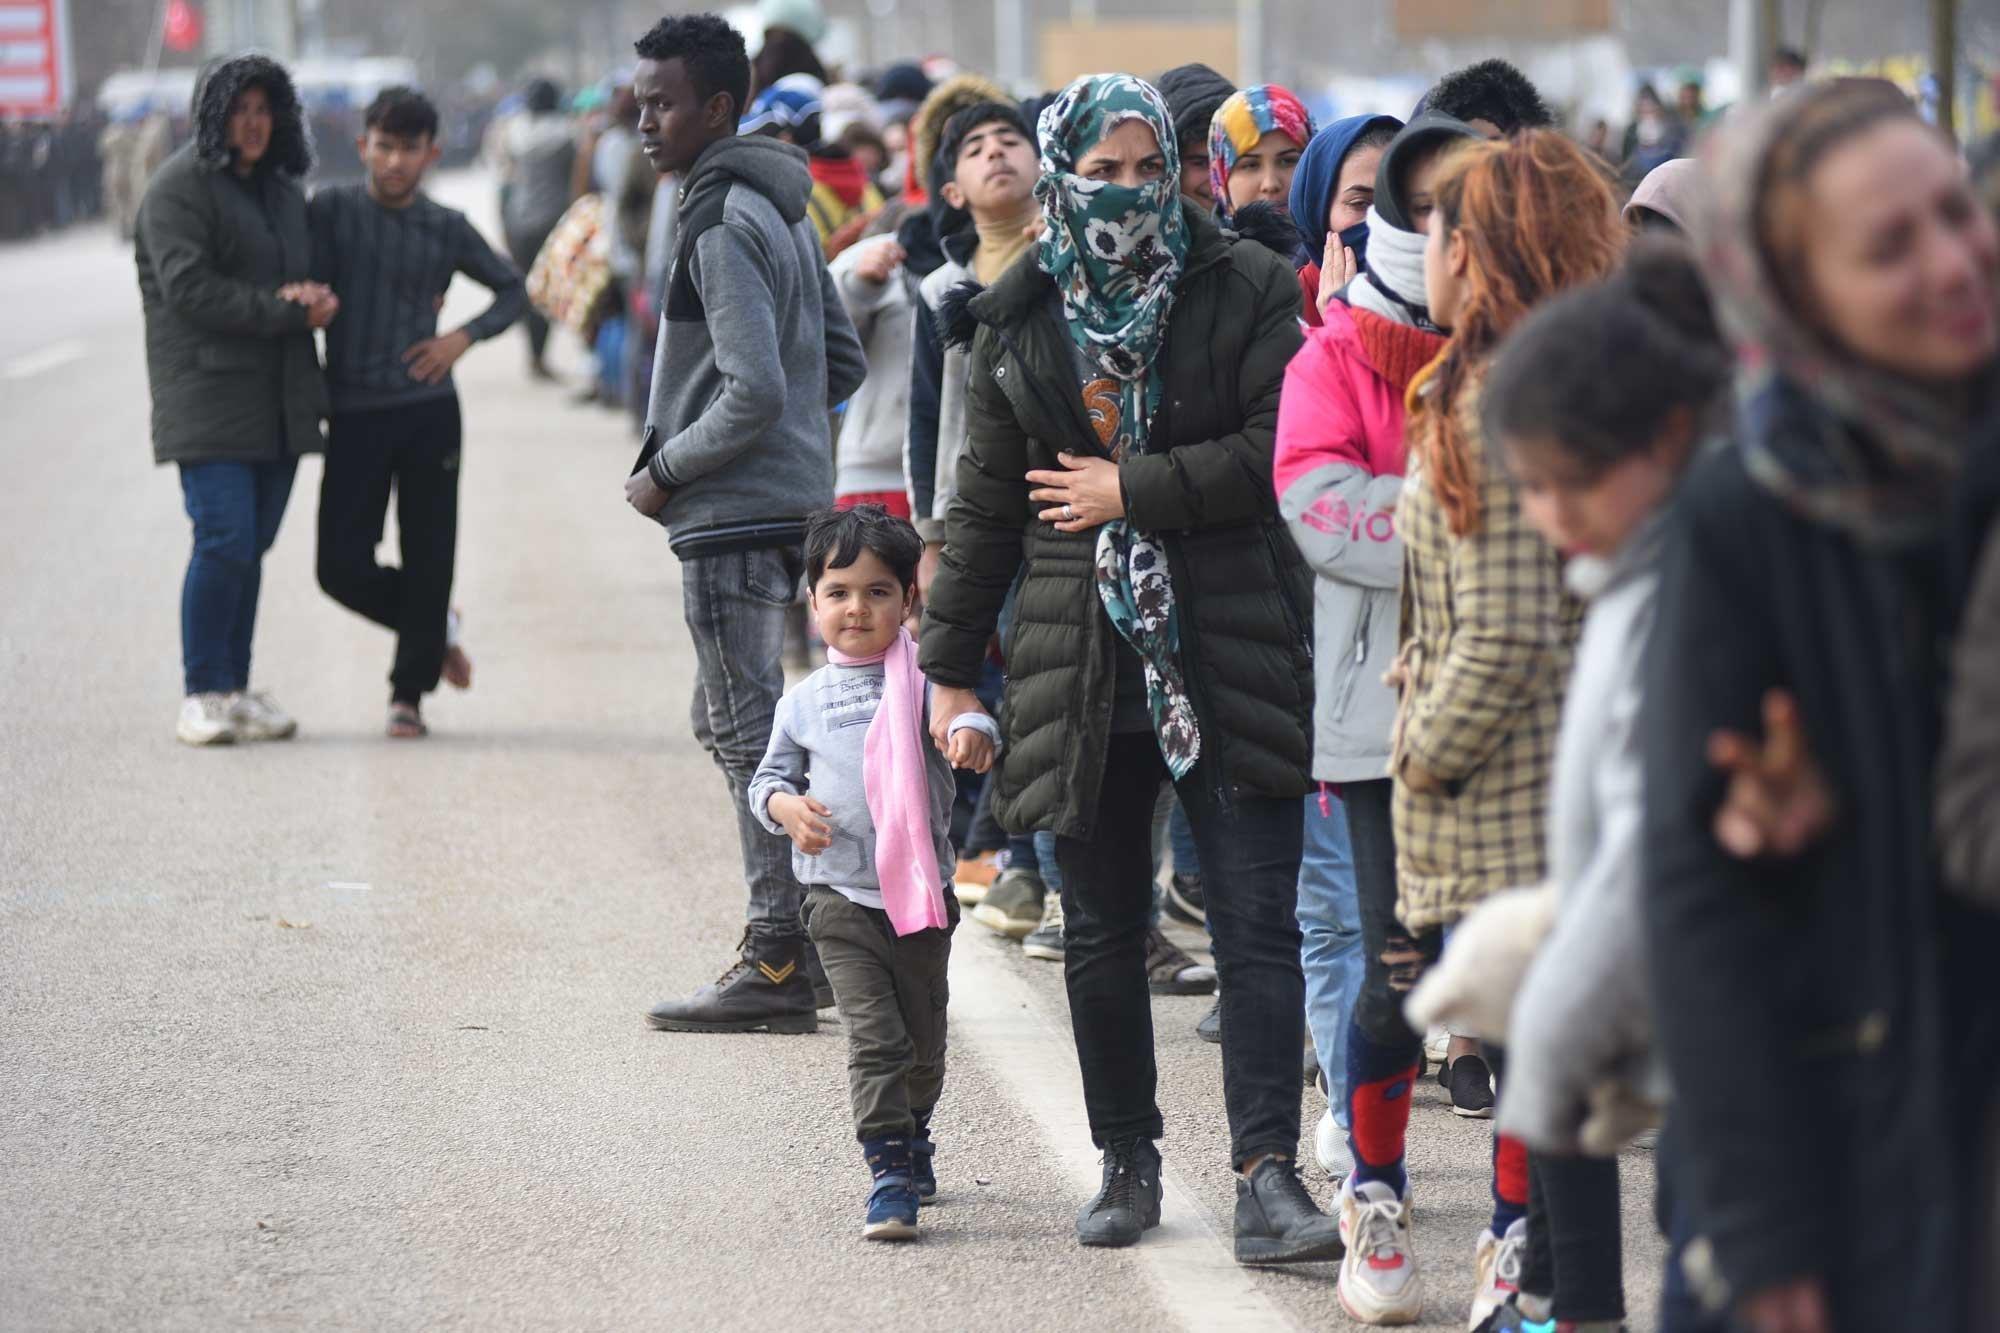 难民与移民在土耳其埃迪尔内的边境地区排队等待,希望能够过境进入希腊。